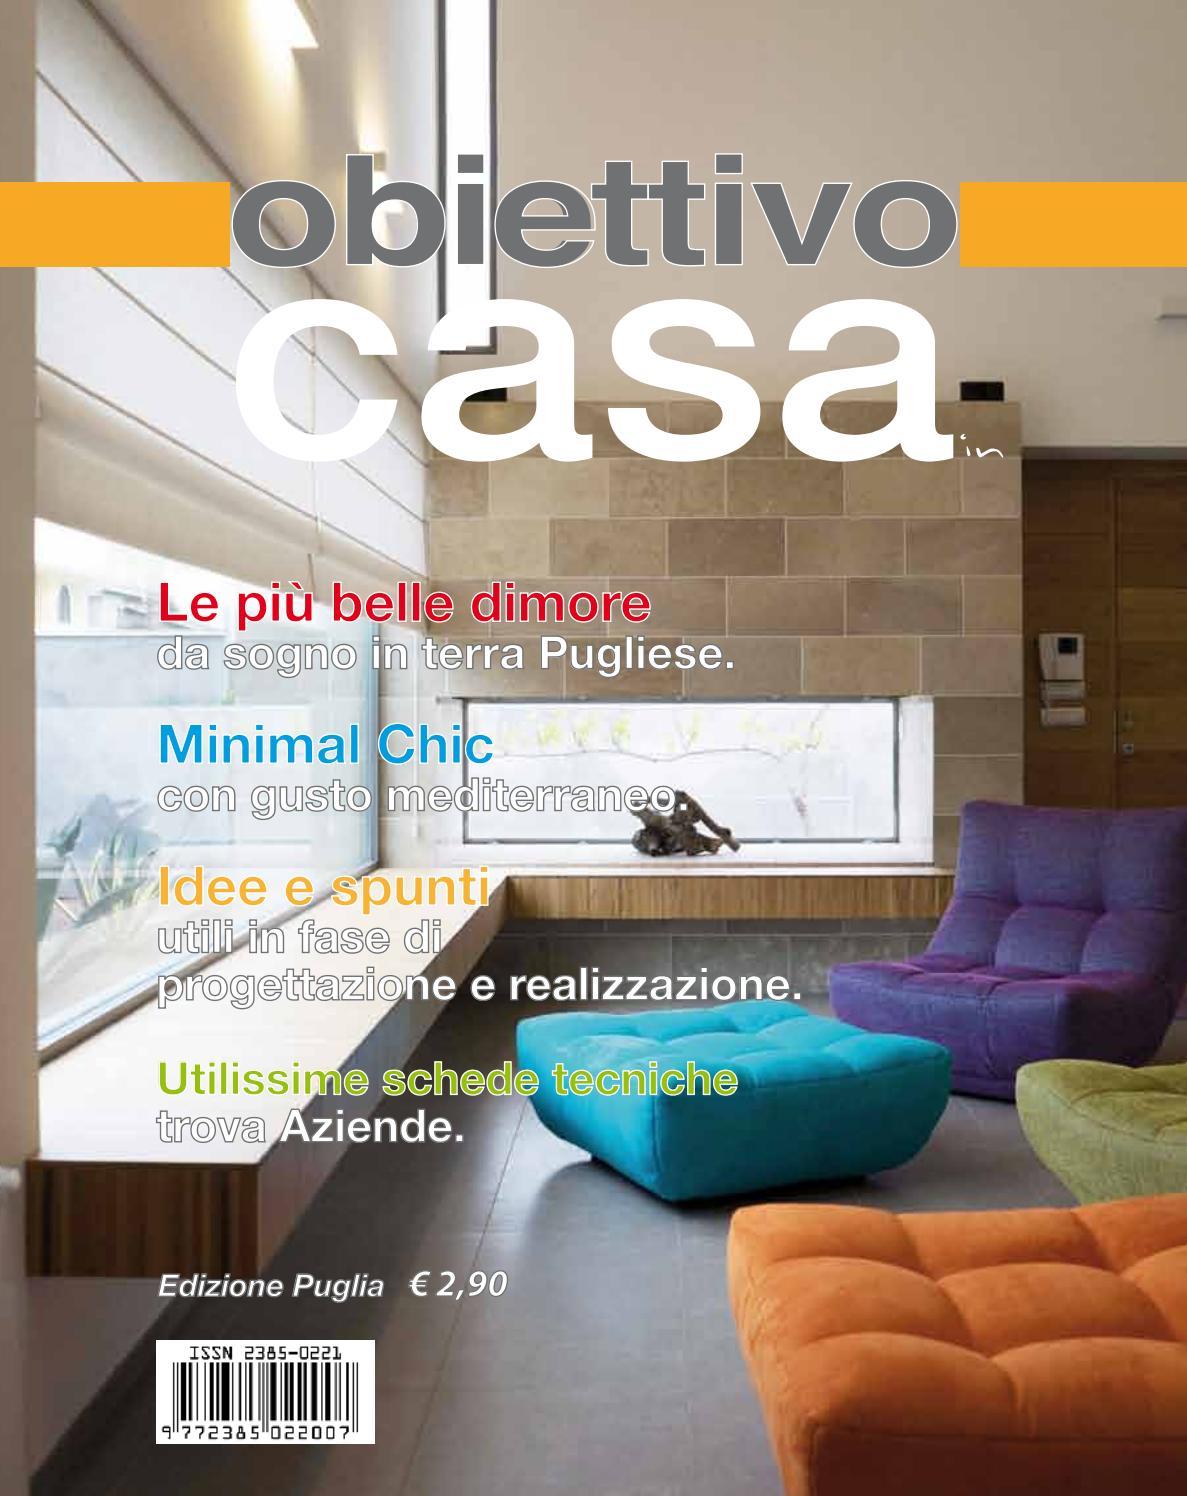 Termosanitaria San Vito Dei Normanni obiettivocasa 2017 by valentina prontera - issuu